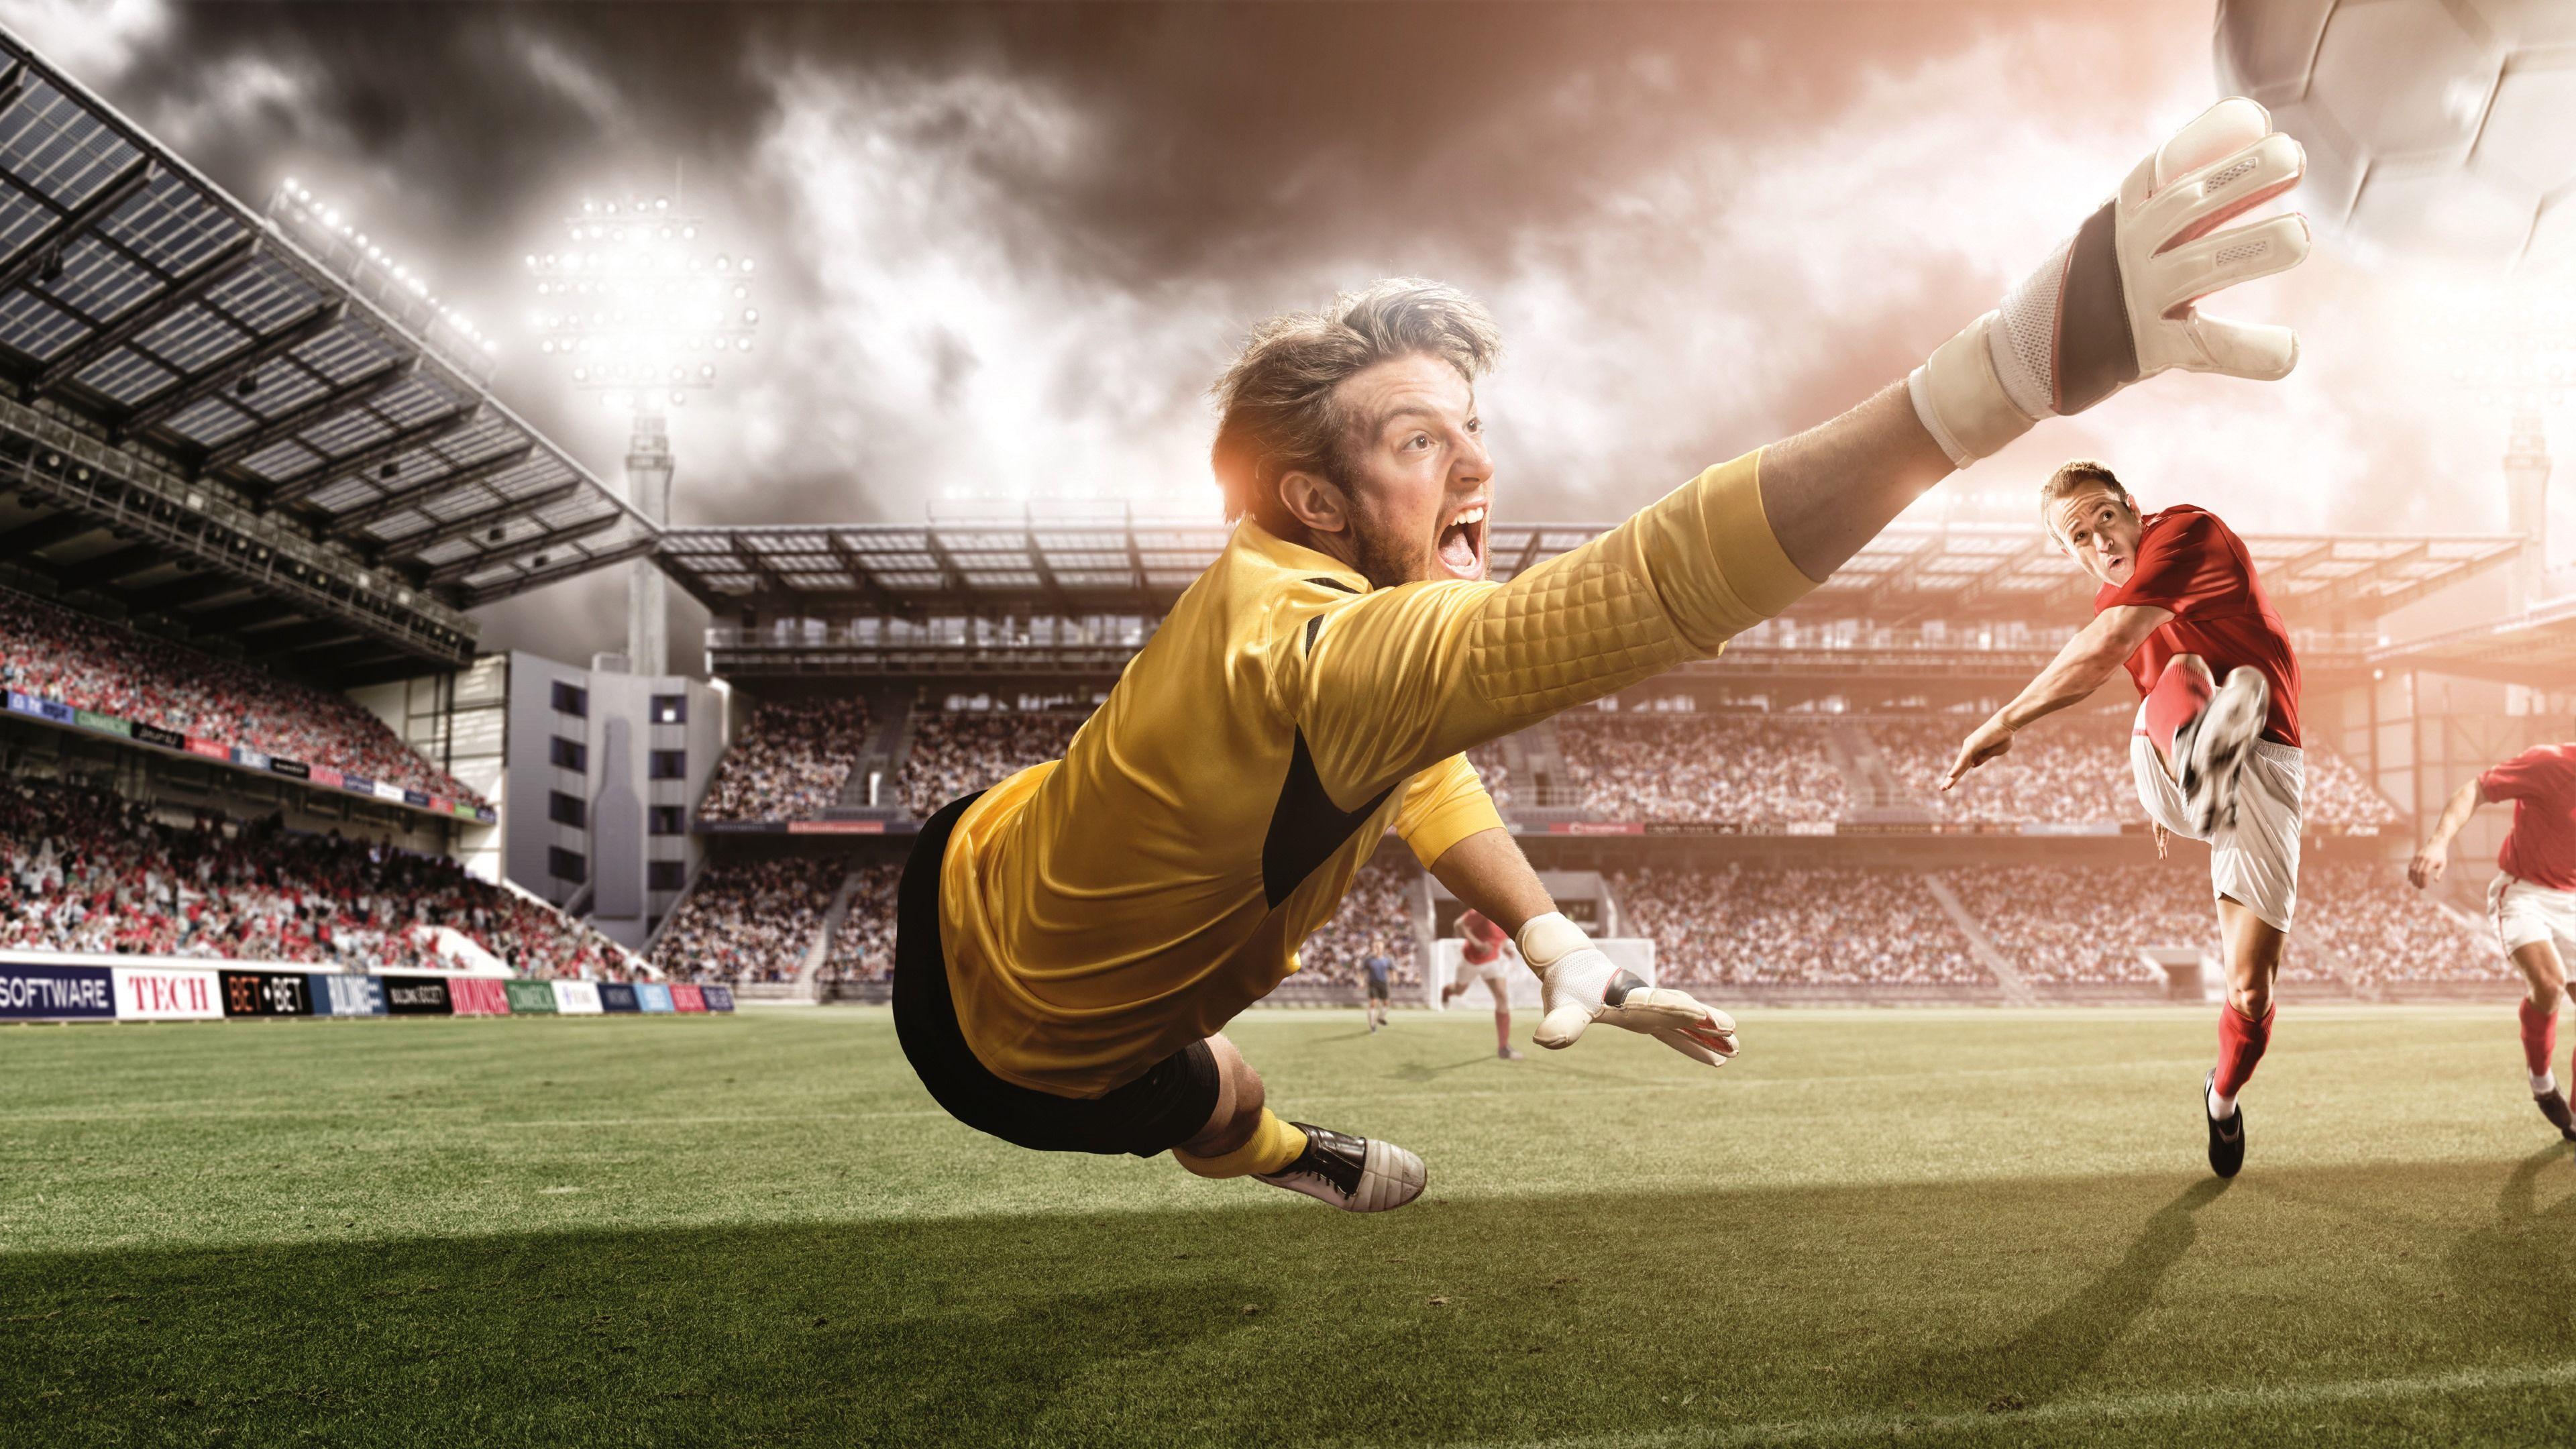 Football Hd Wallpaper Football Free Hd Wallpaper Downloads Football Hd Desktop Wallpaper